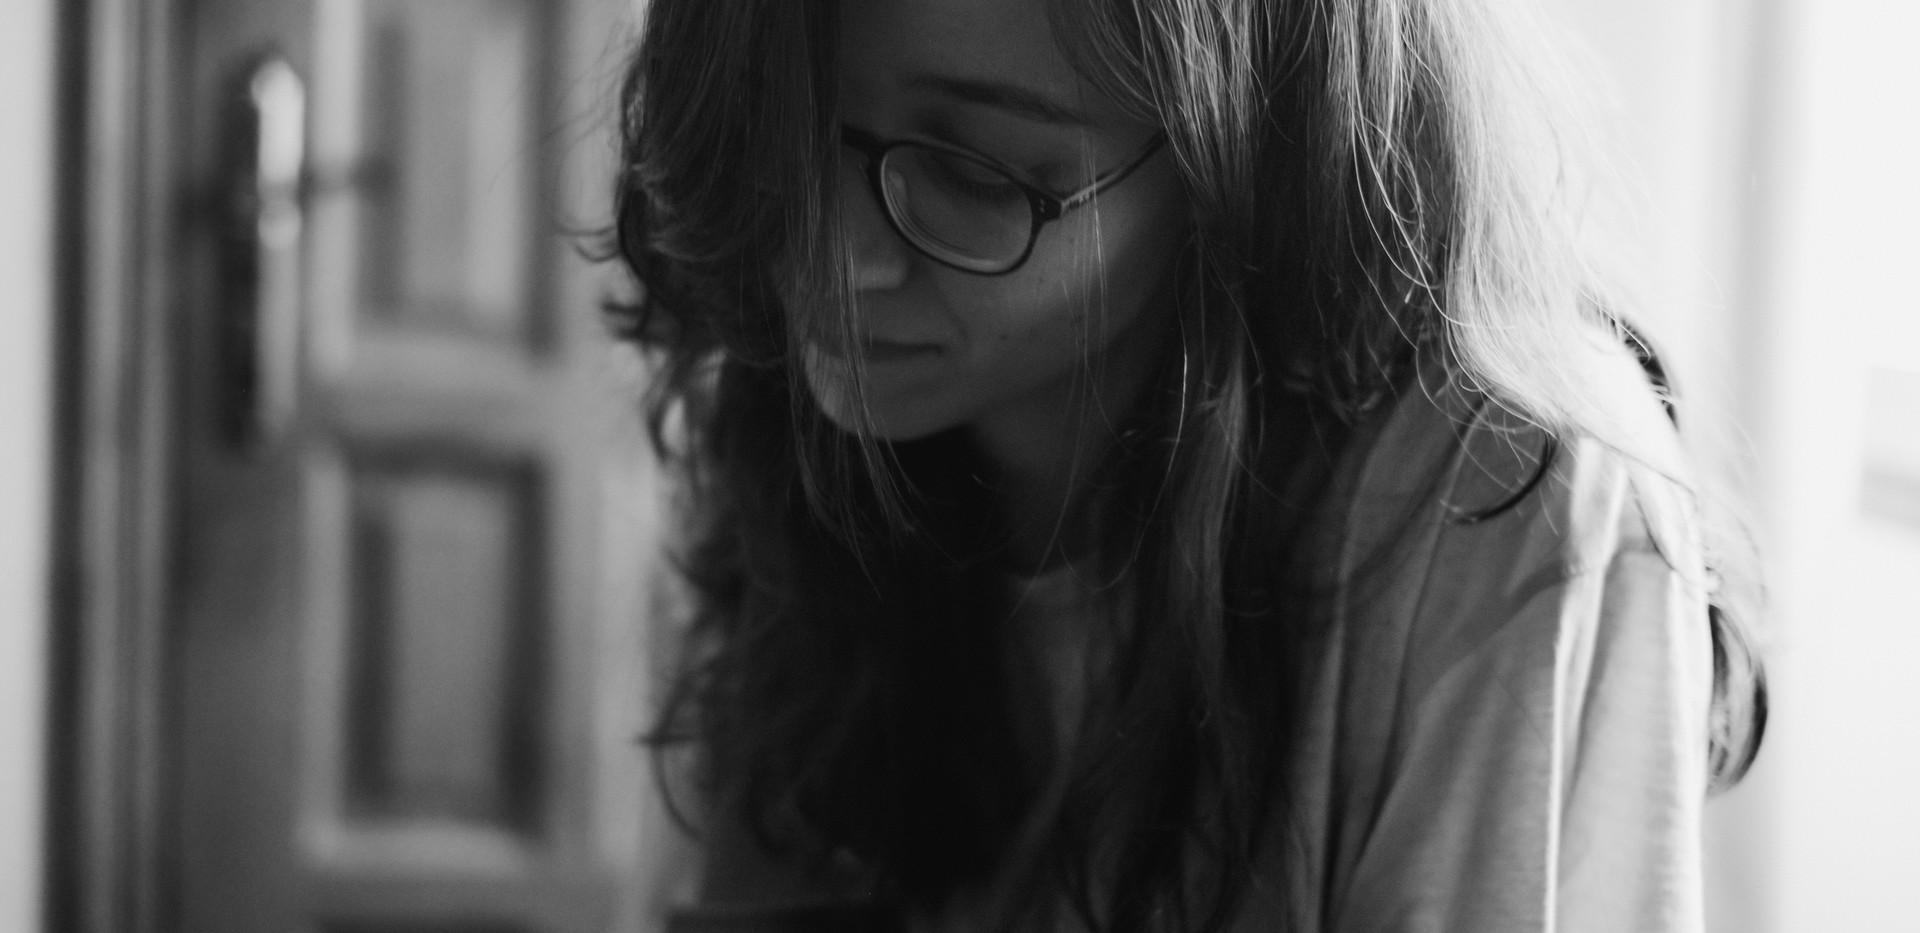 Mariana_BN1